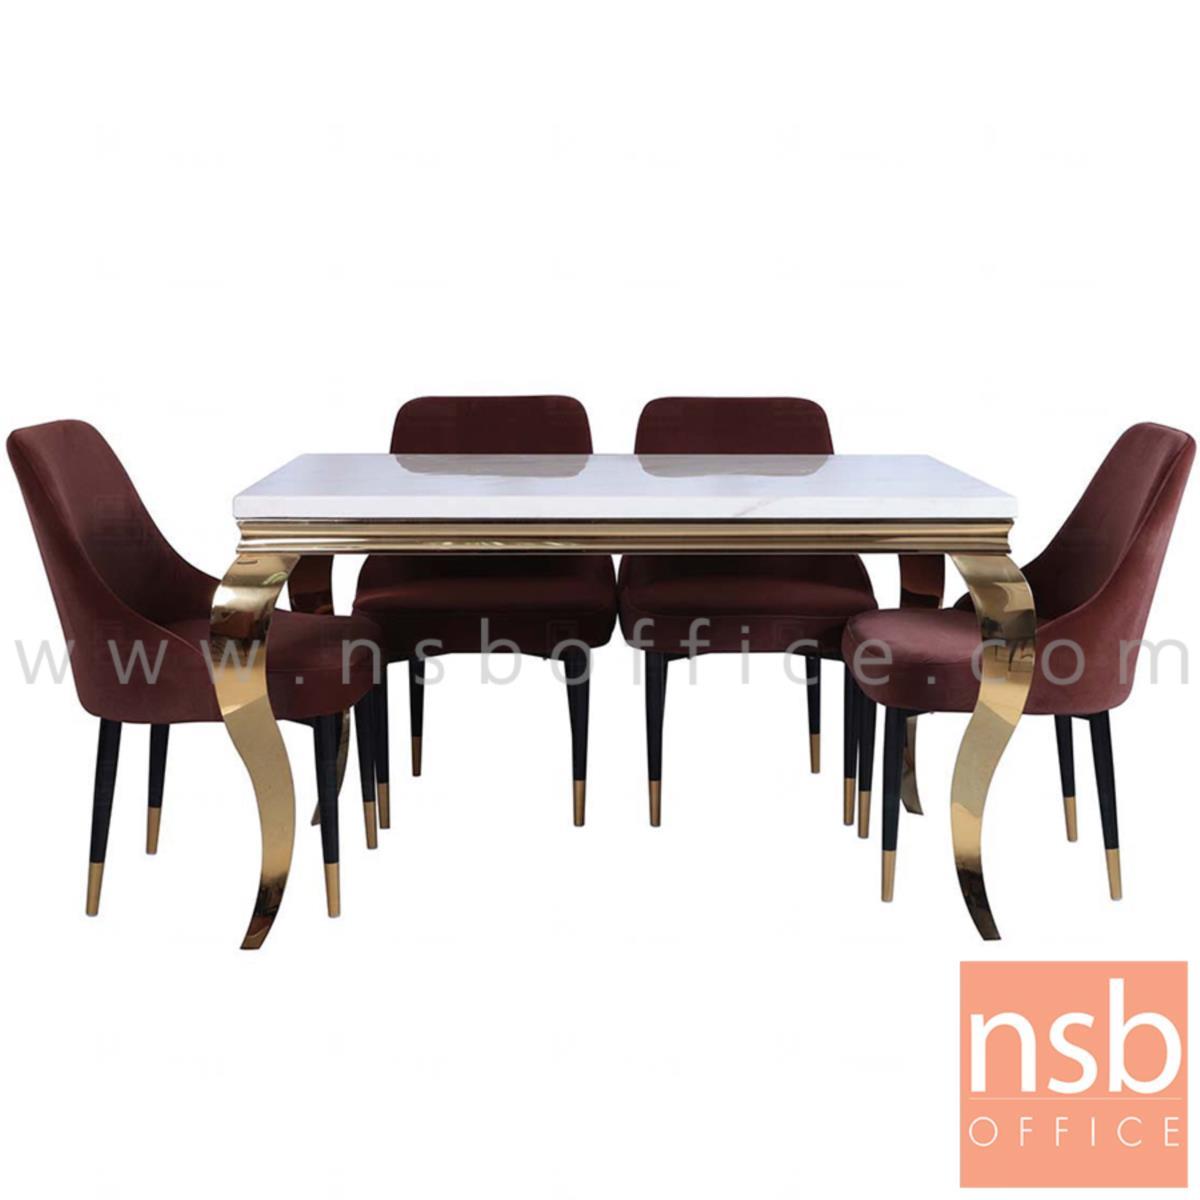 ชุดโต๊ะรับประทานอาหารหน้าหินอ่อน 4 ที่นั่ง รุ่น Fremont (ฟรีมอนต์) พร้อมเก้าอี้เบาะหุ้มผ้า